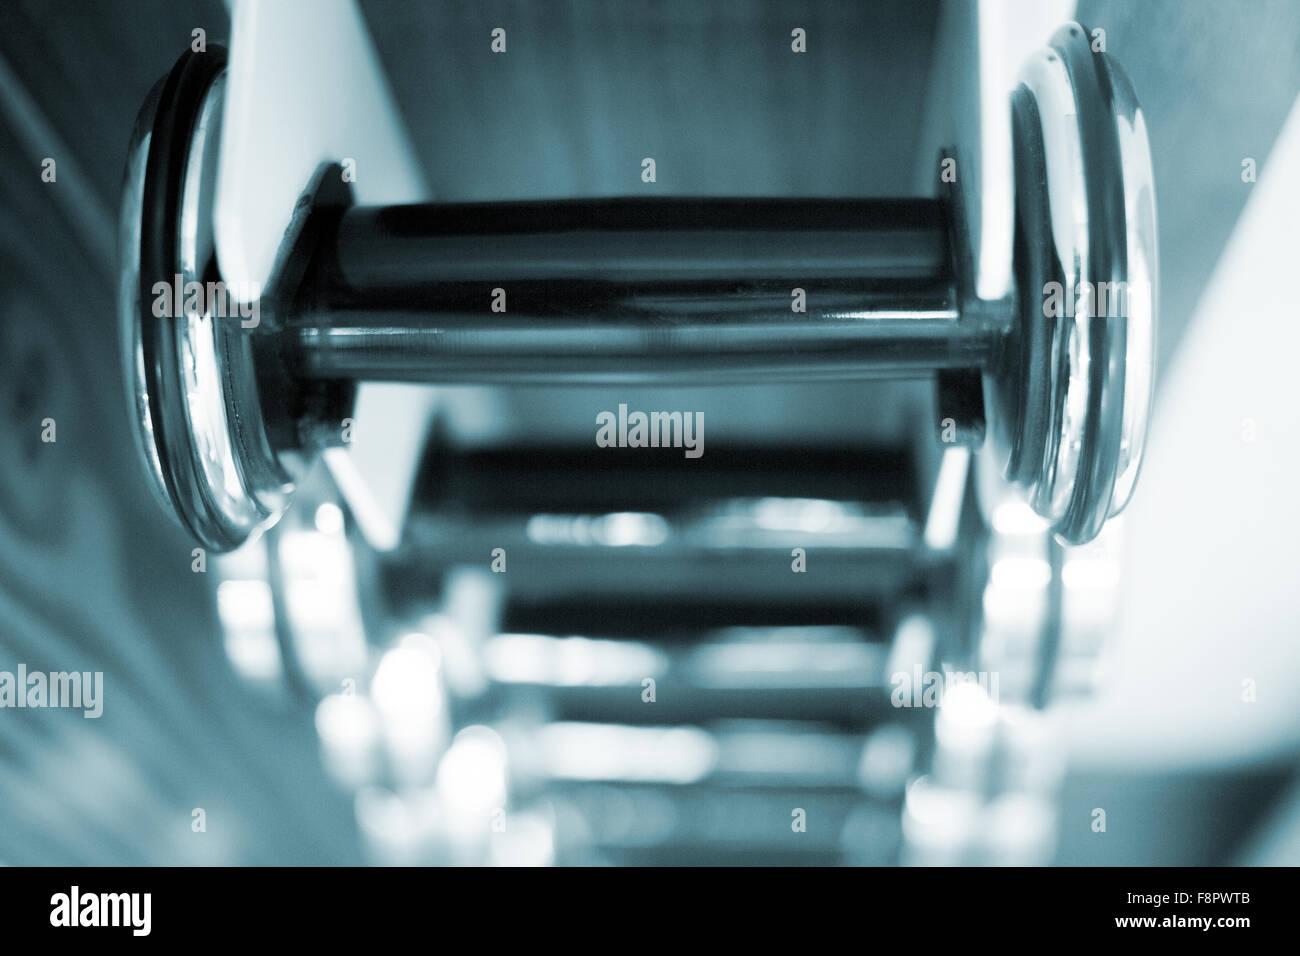 Mancuernas gimnasio pesas de metal en la sala de ejercicio en el gimnasio health club fitness studio para el culturismo Imagen De Stock